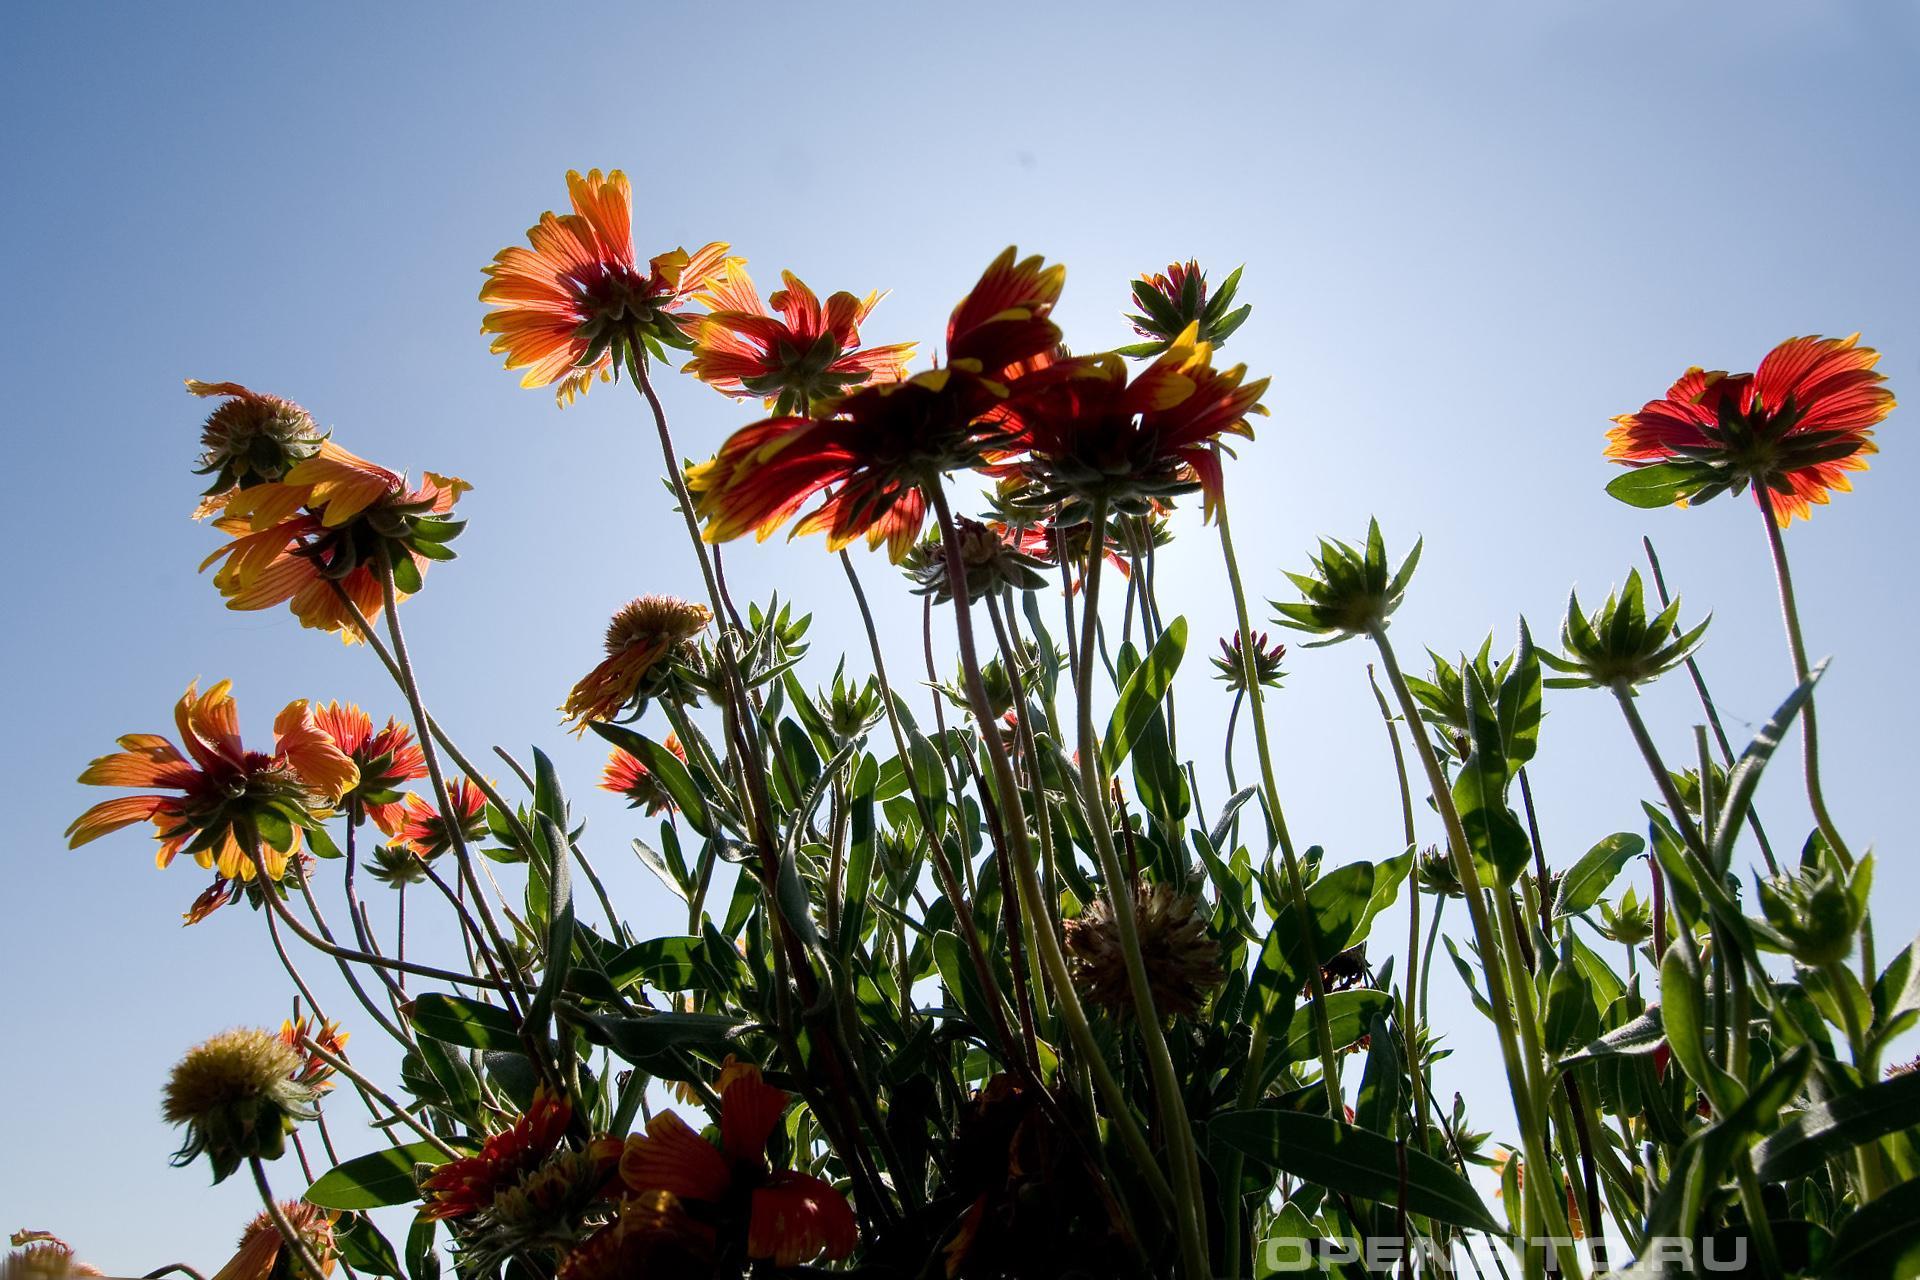 Гайлардия обыкновенная садовый цветок